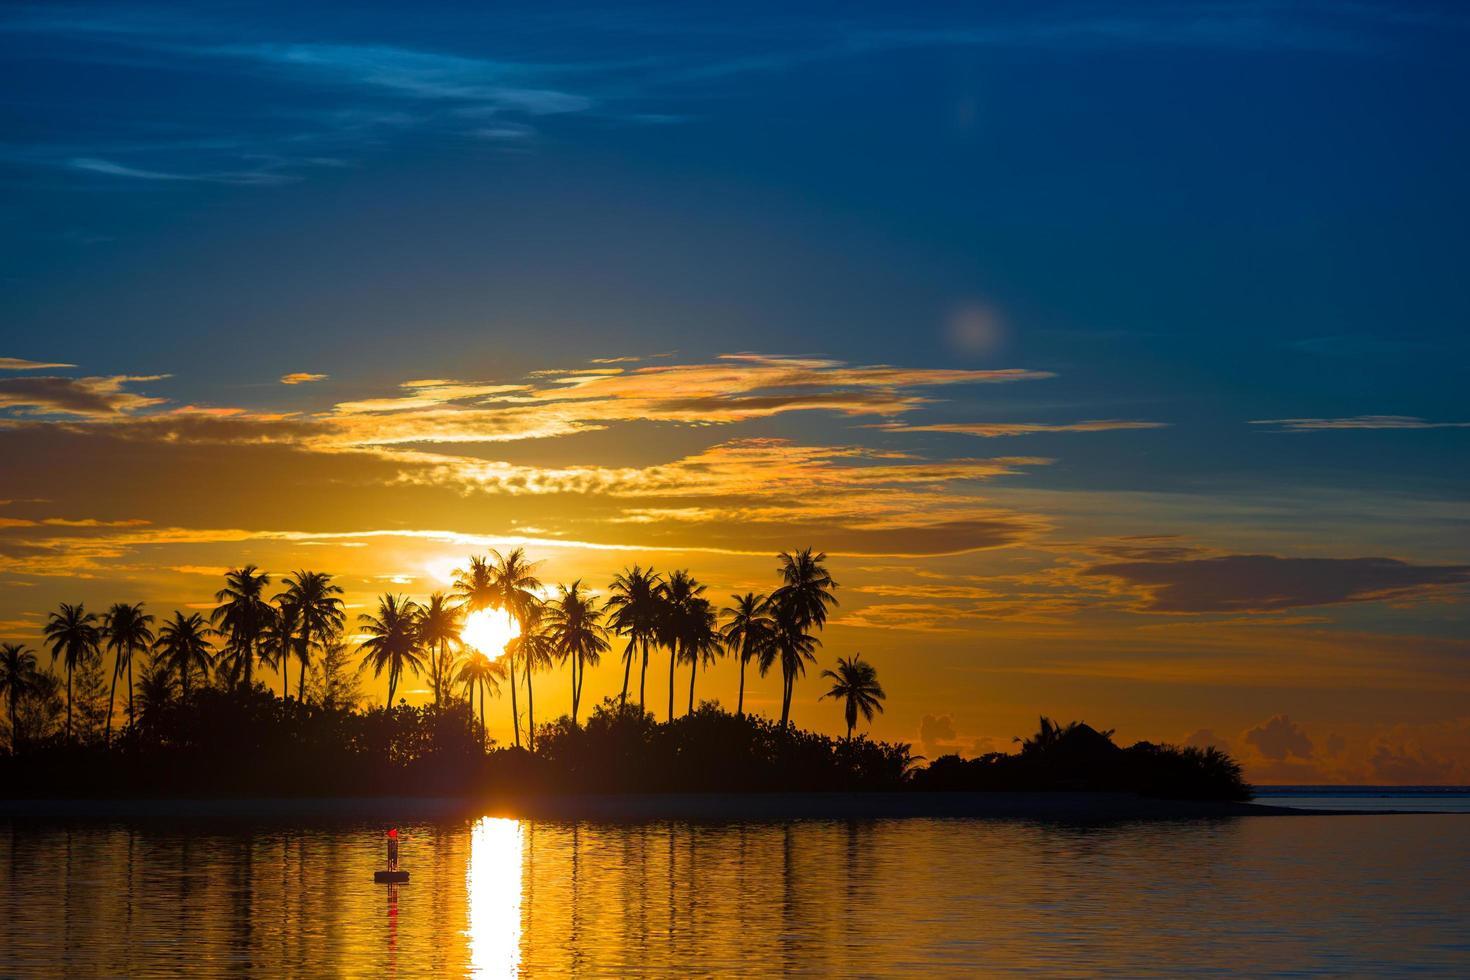 coucher de soleil coloré sur une plage tropicale photo